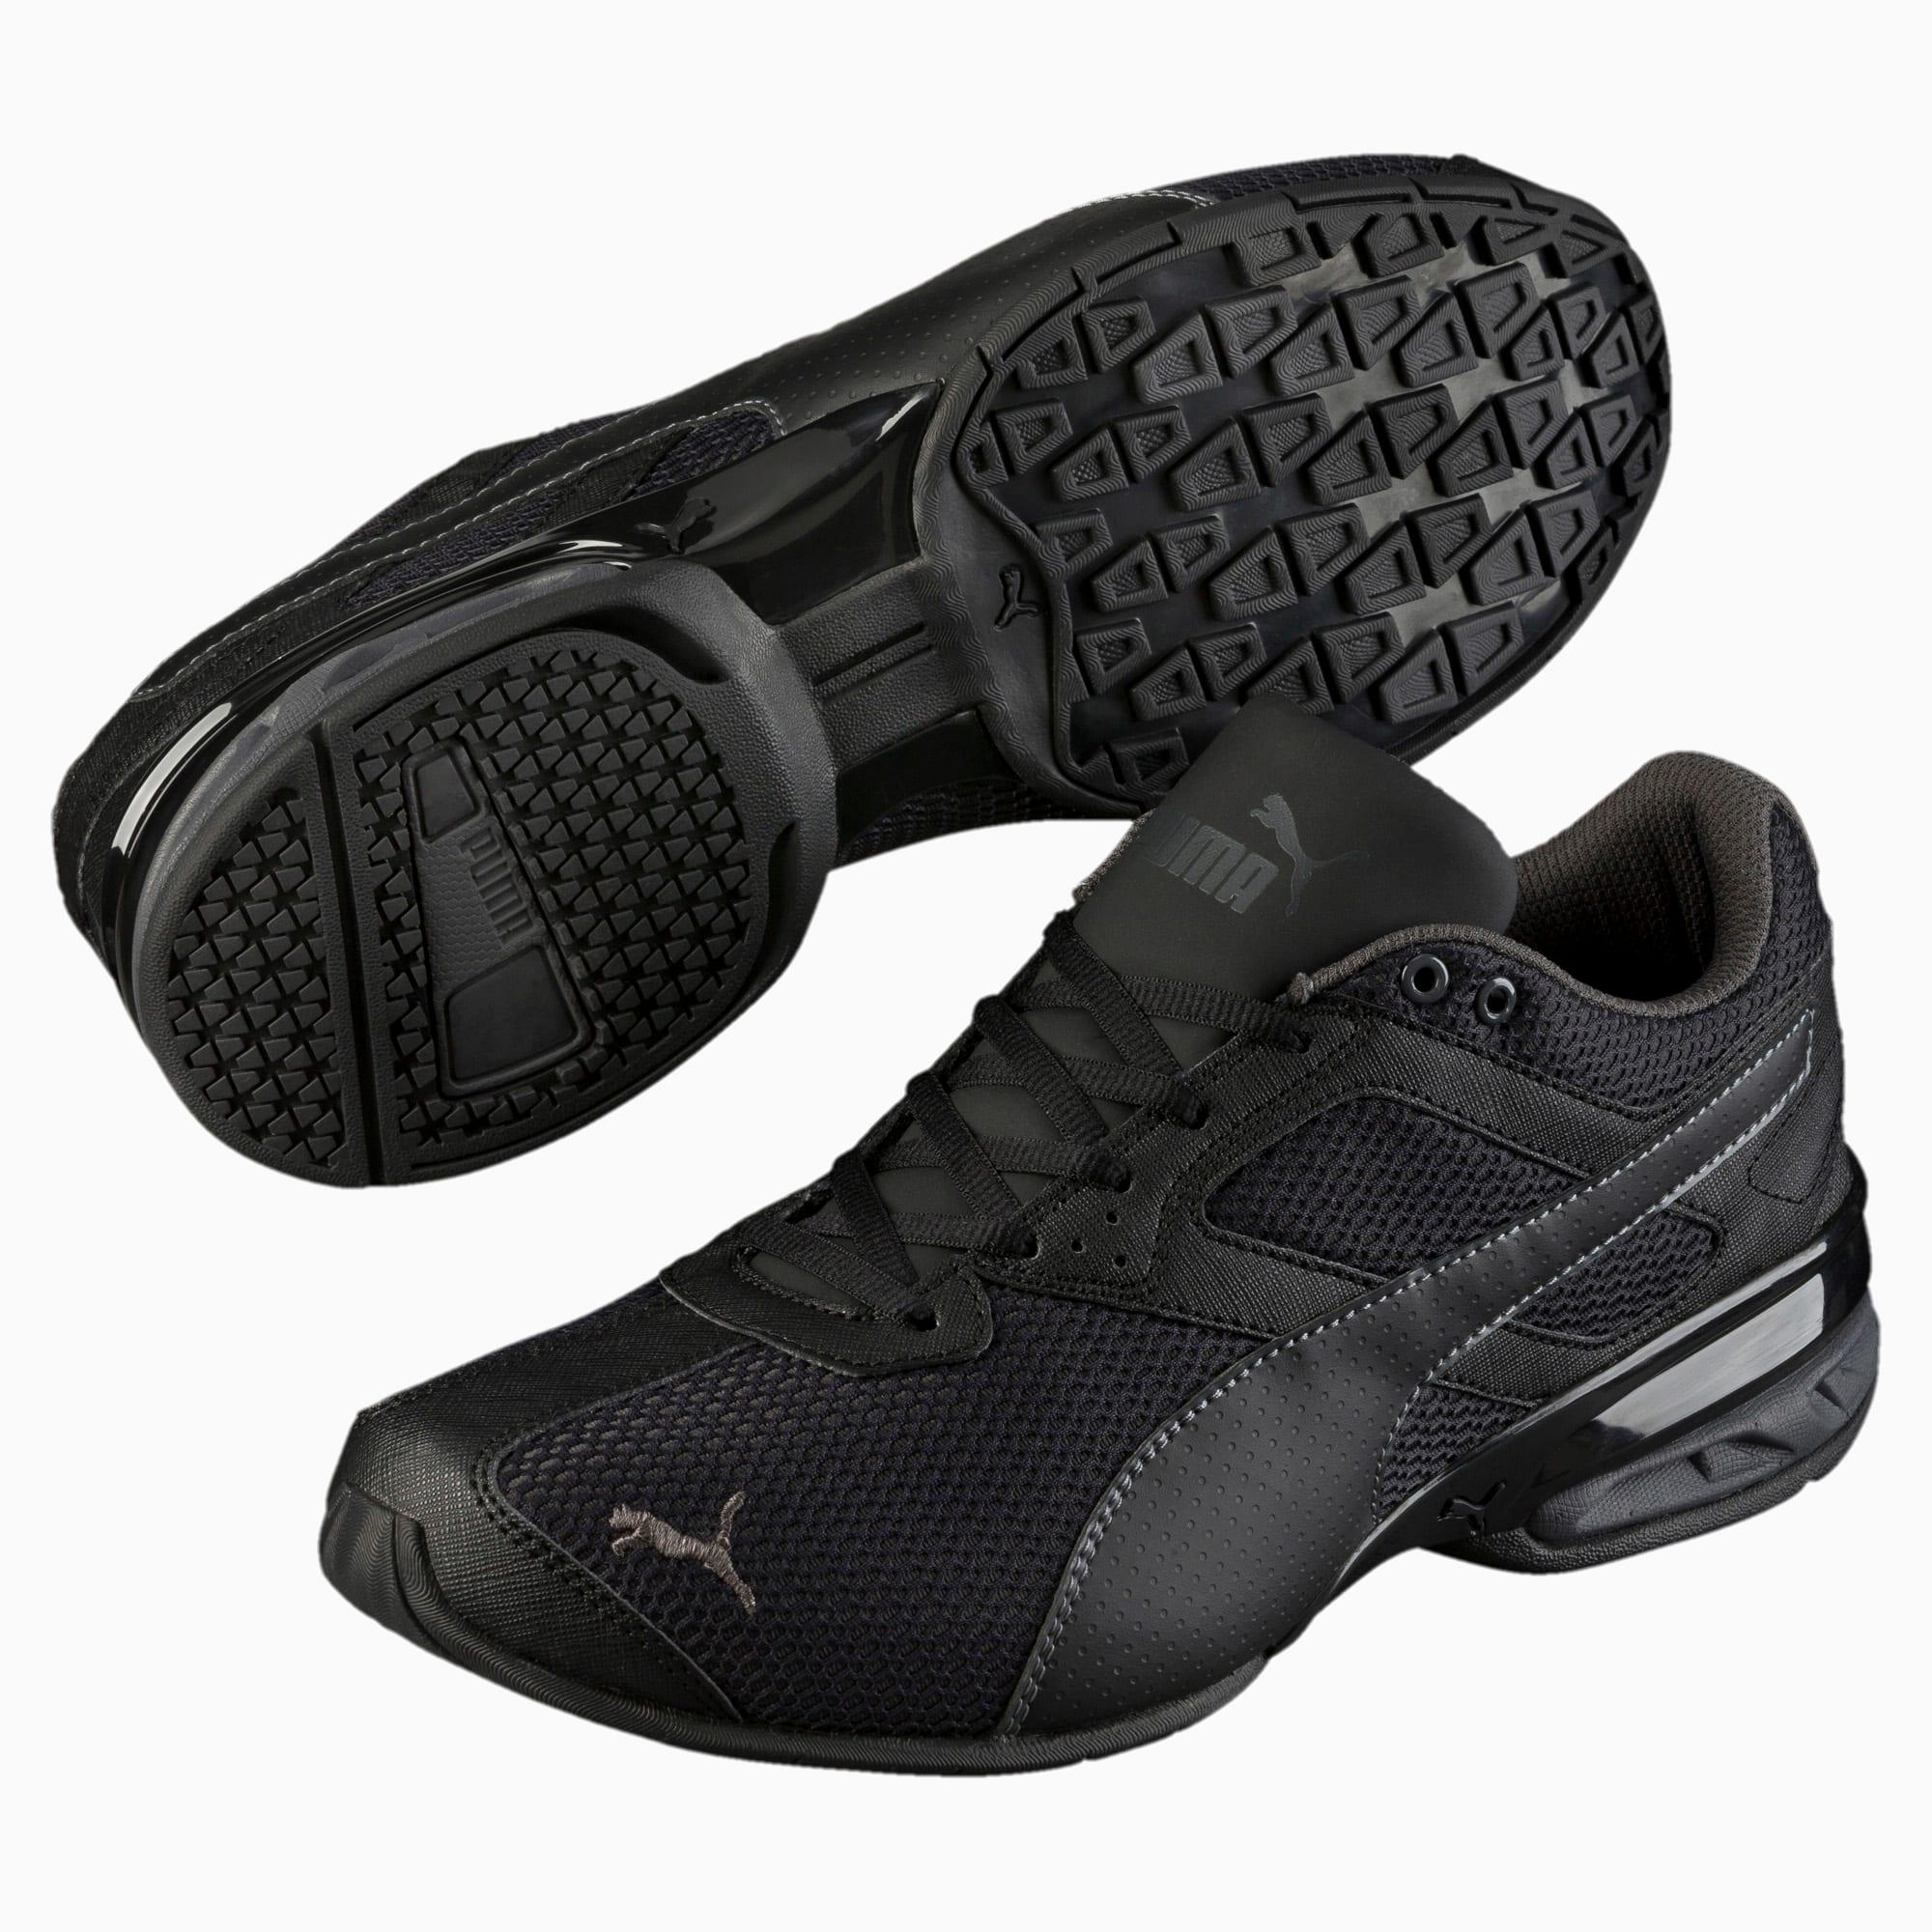 Tazon 6 Mesh Herren Sneaker   Puma Black Asphalt   PUMA